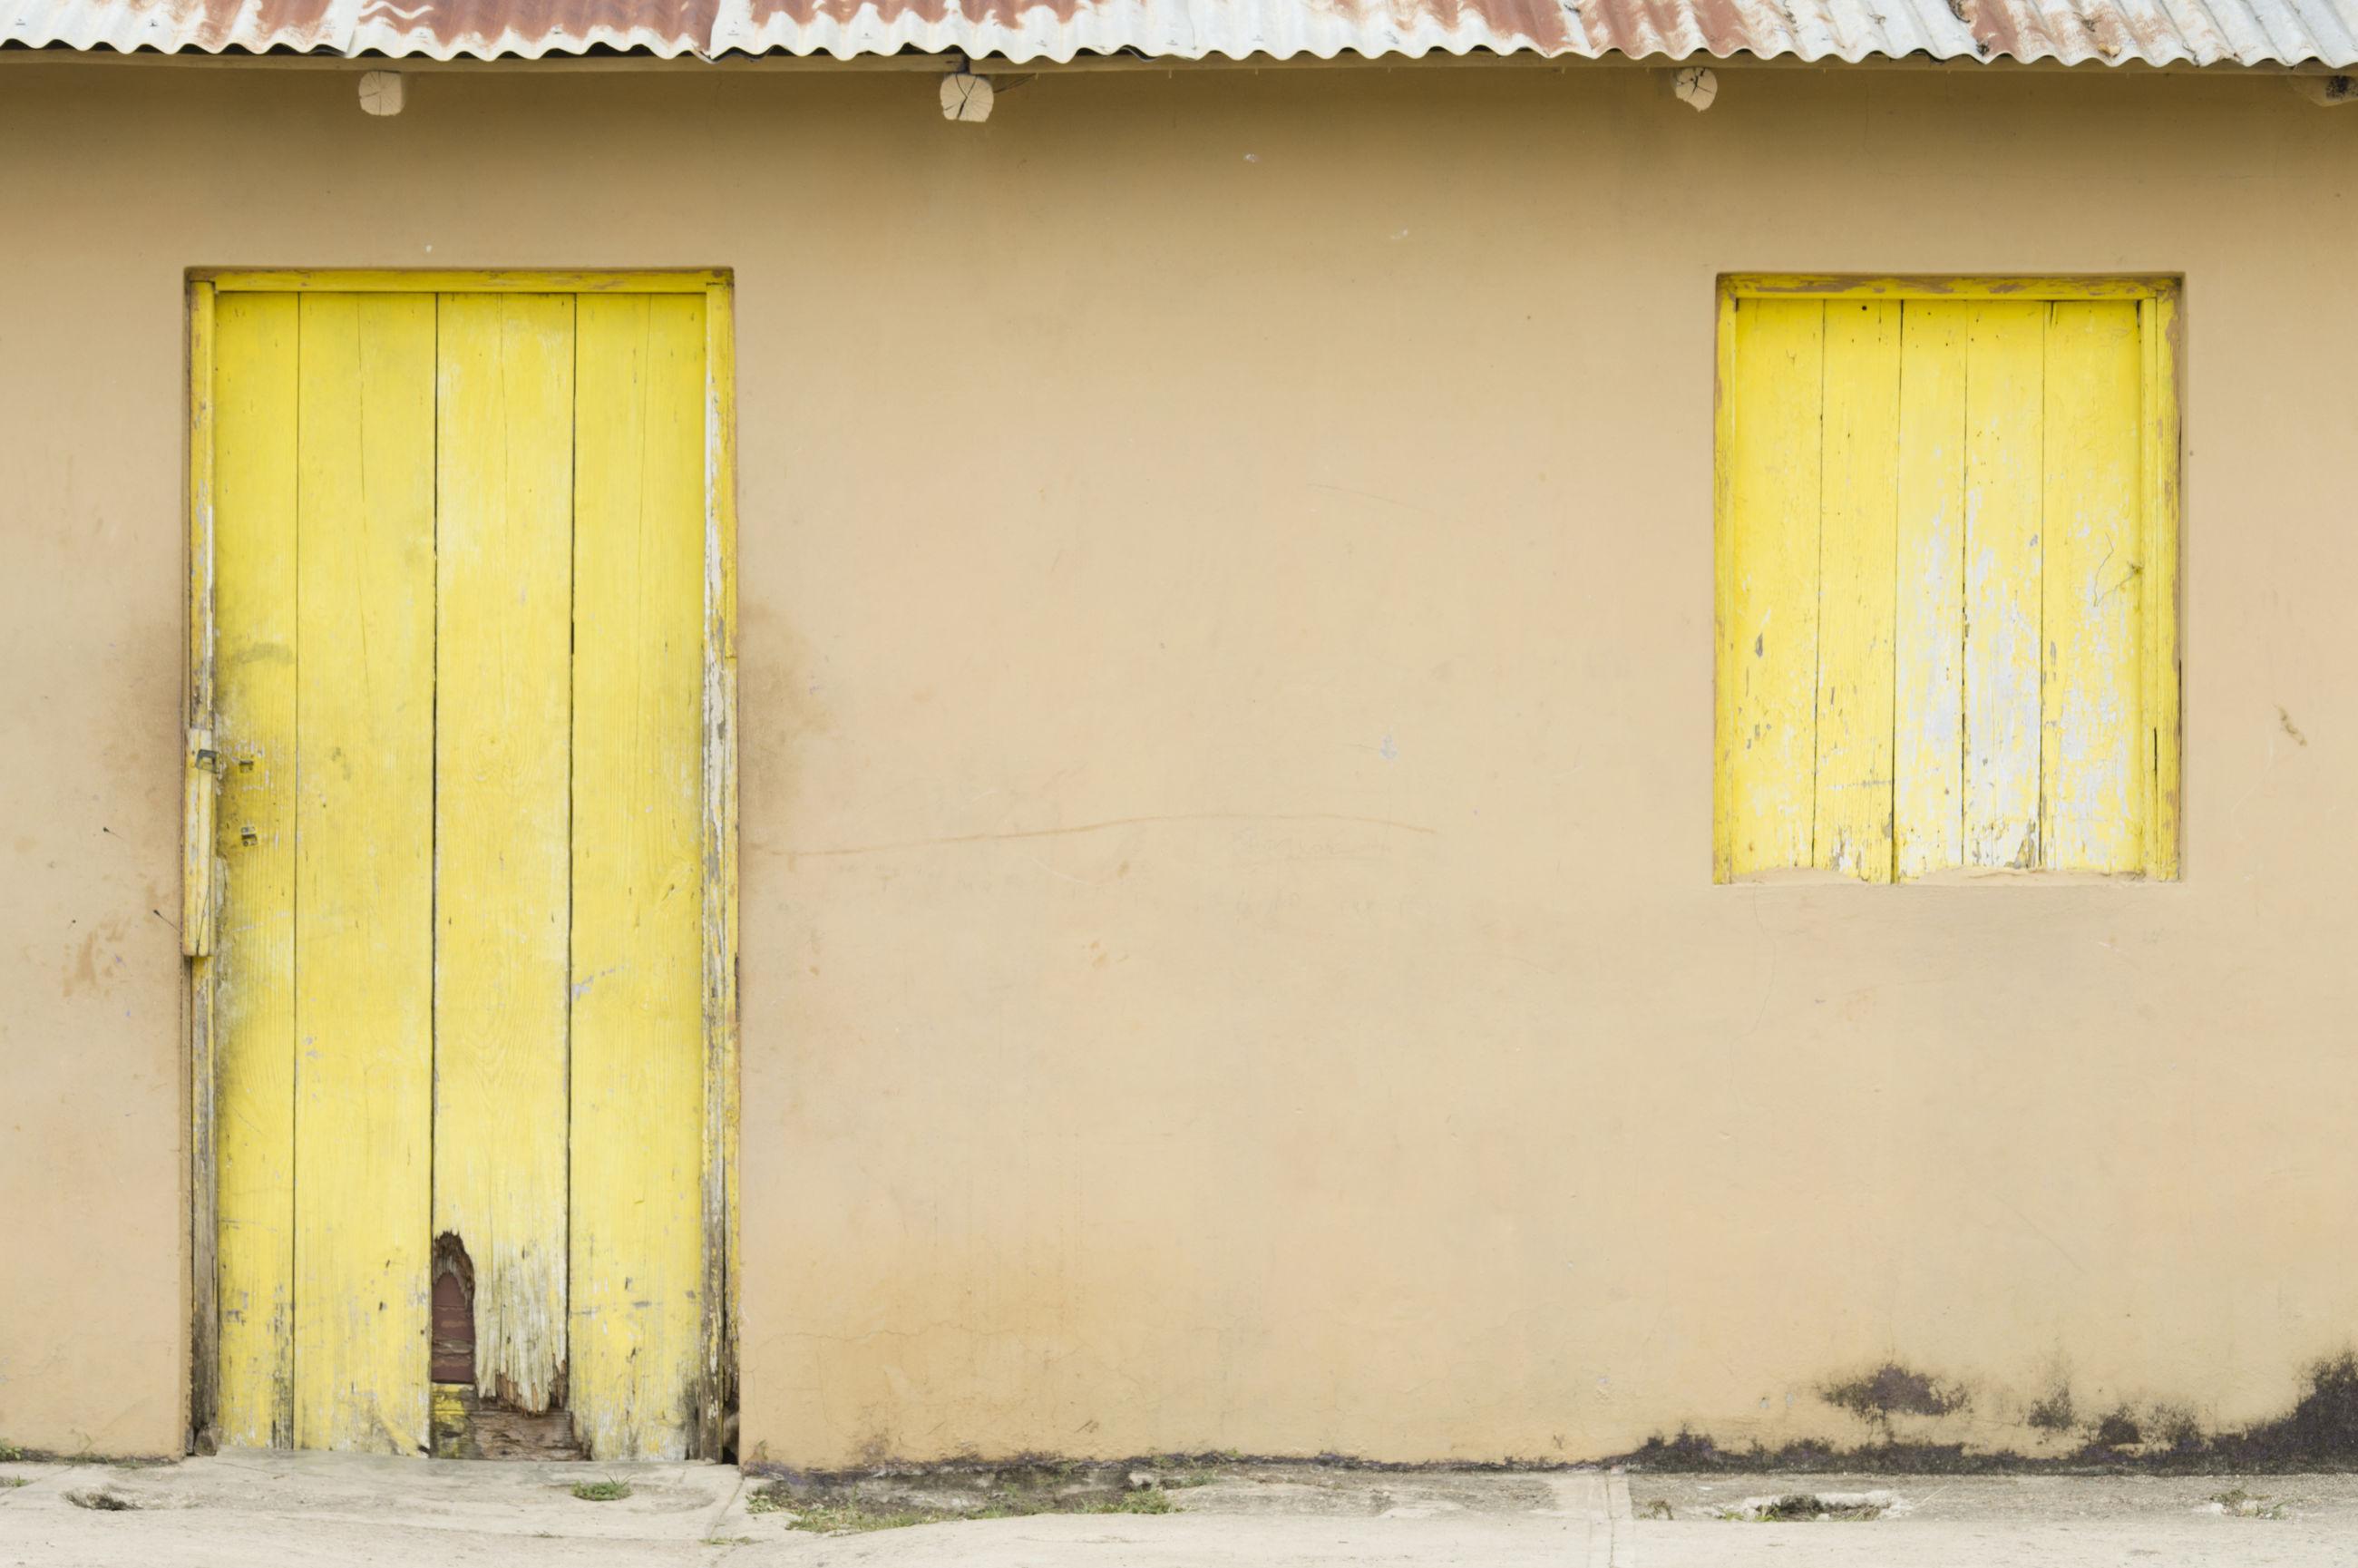 door, architecture, built structure, yellow, entrance, building exterior, doorway, no people, day, open door, outdoors